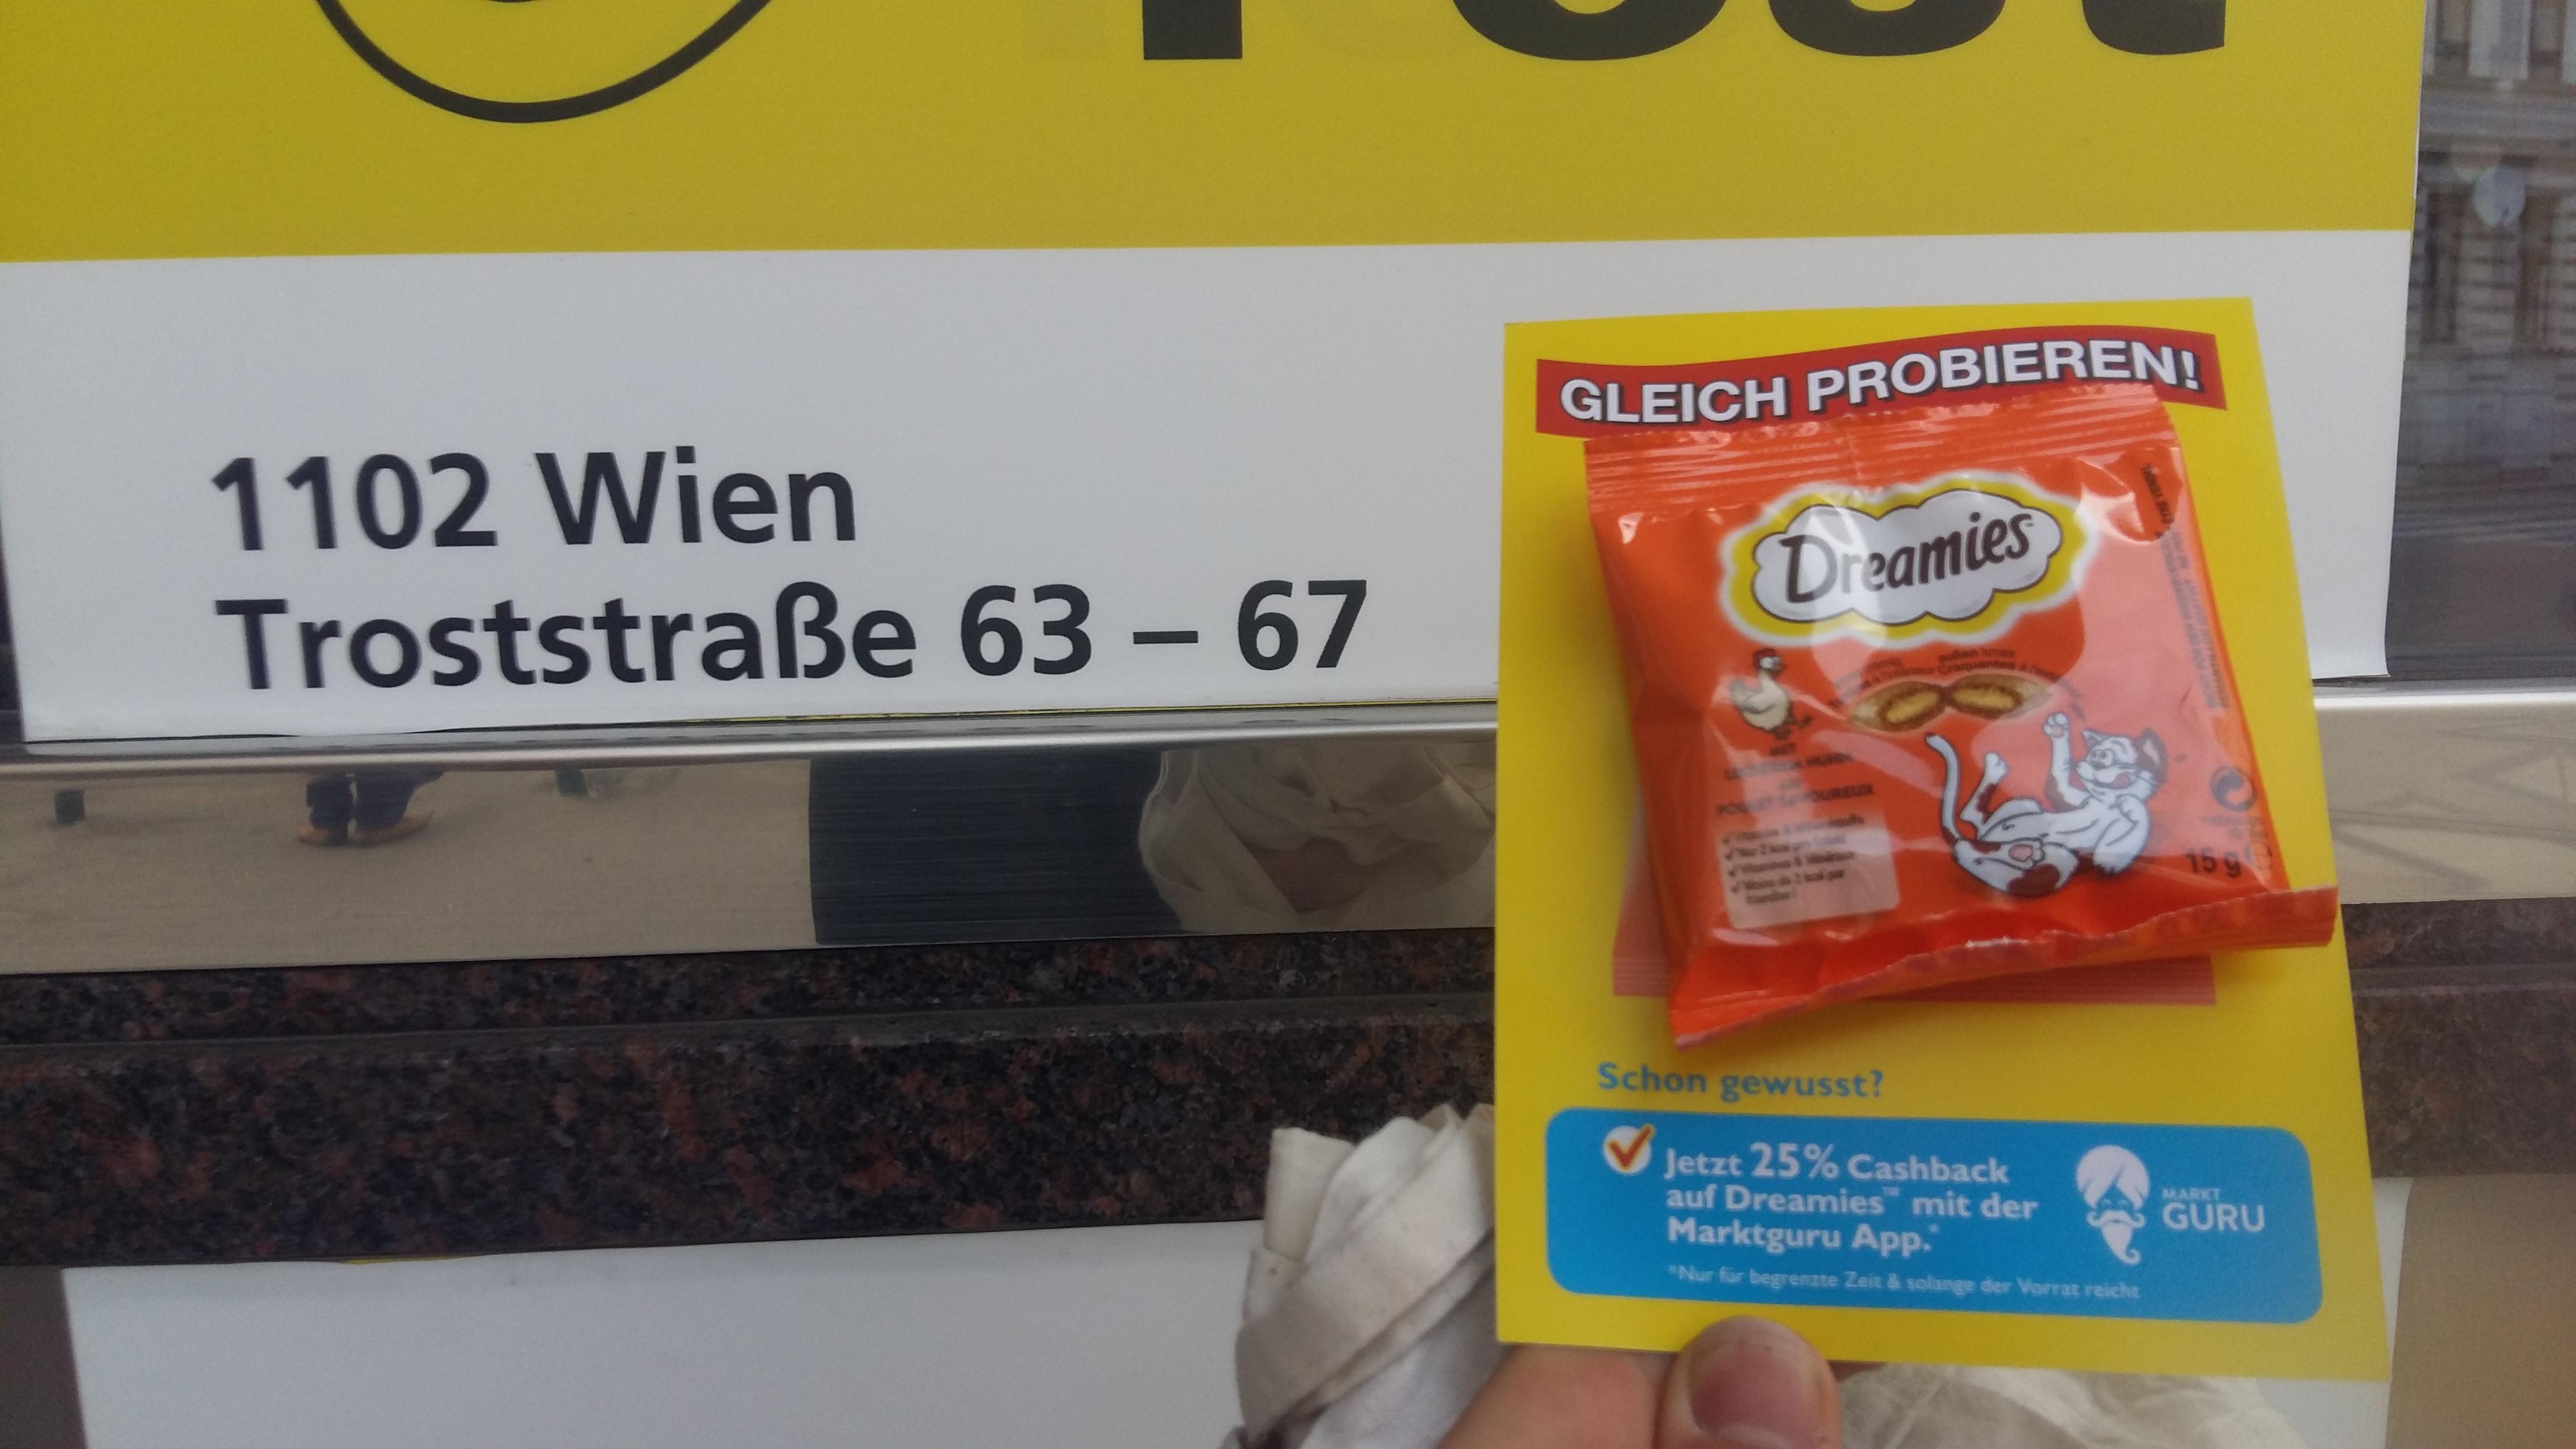 Dreamis Katzen Snacks: kleine Packungen gratis in der Postfiliale Troststraße 63-67, 1100 Wien